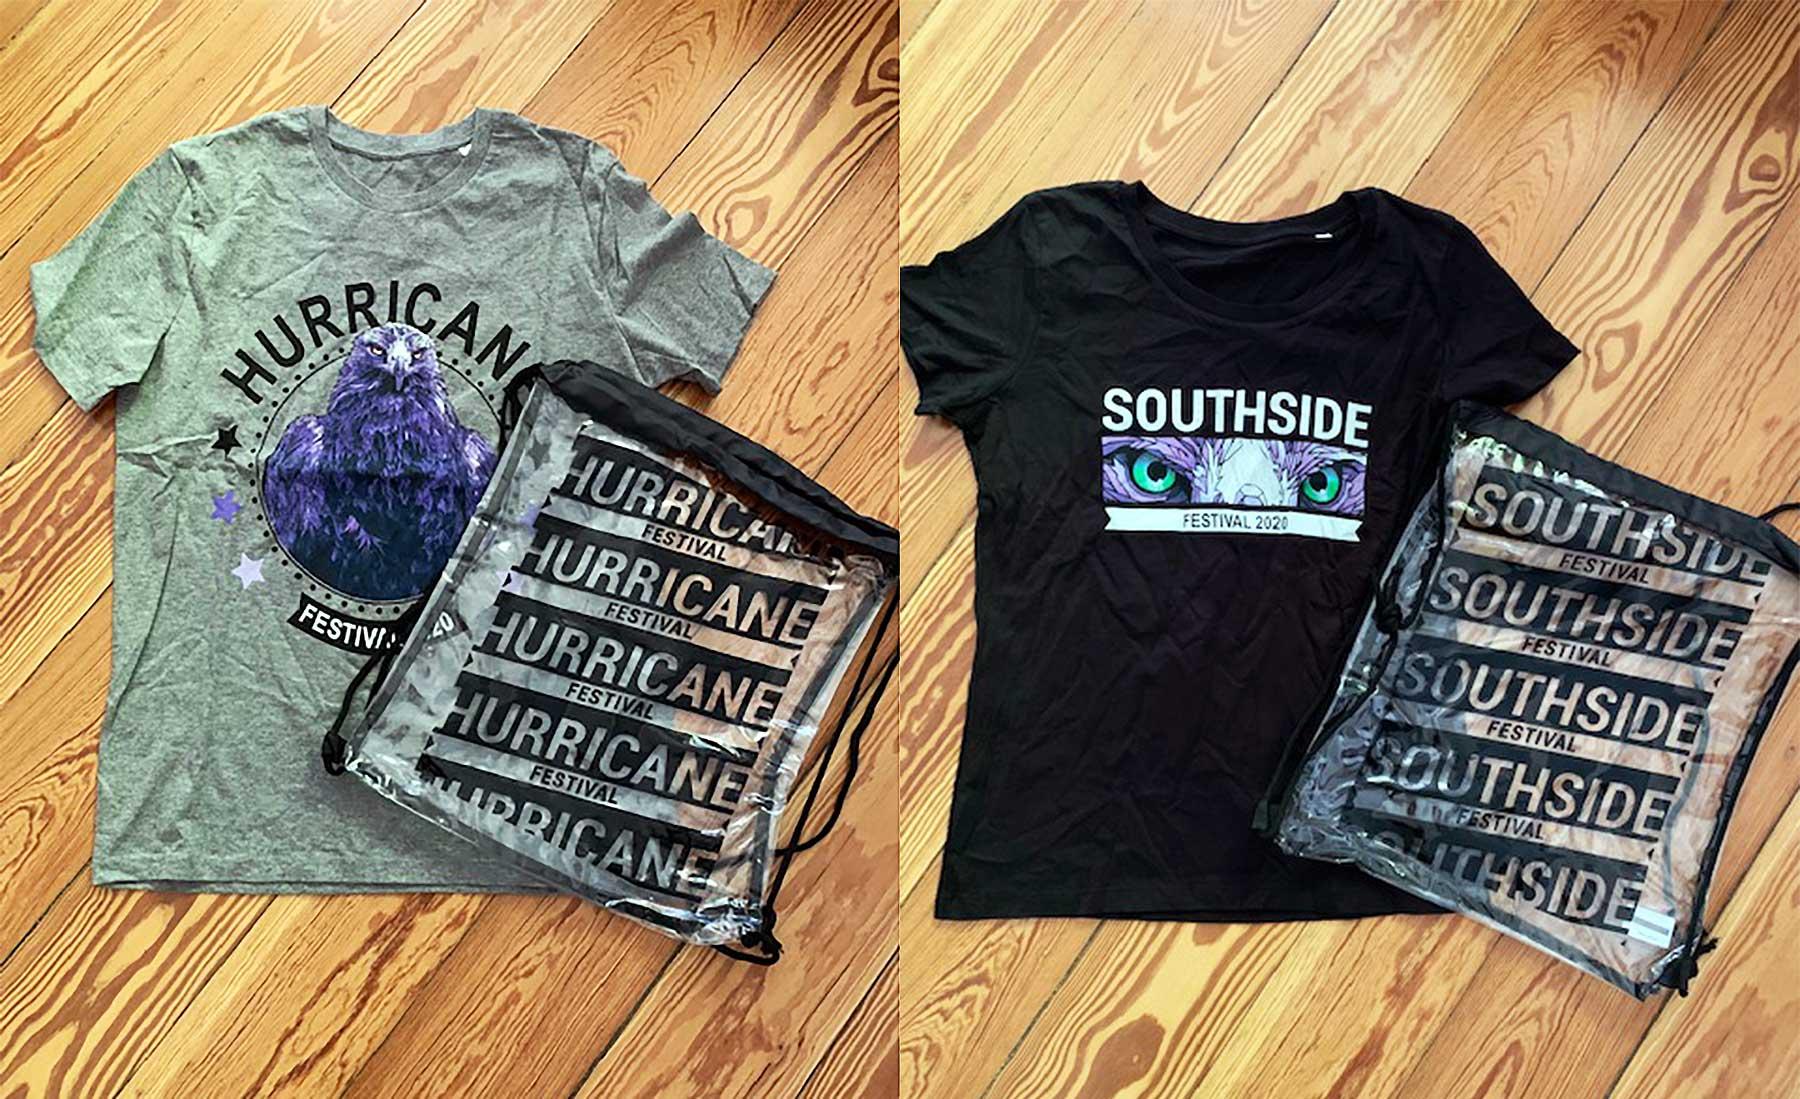 Verlosung: Merch-Pakete für Hurricane/Southside Festival 2020 hurricane-southside-festival-merchandise